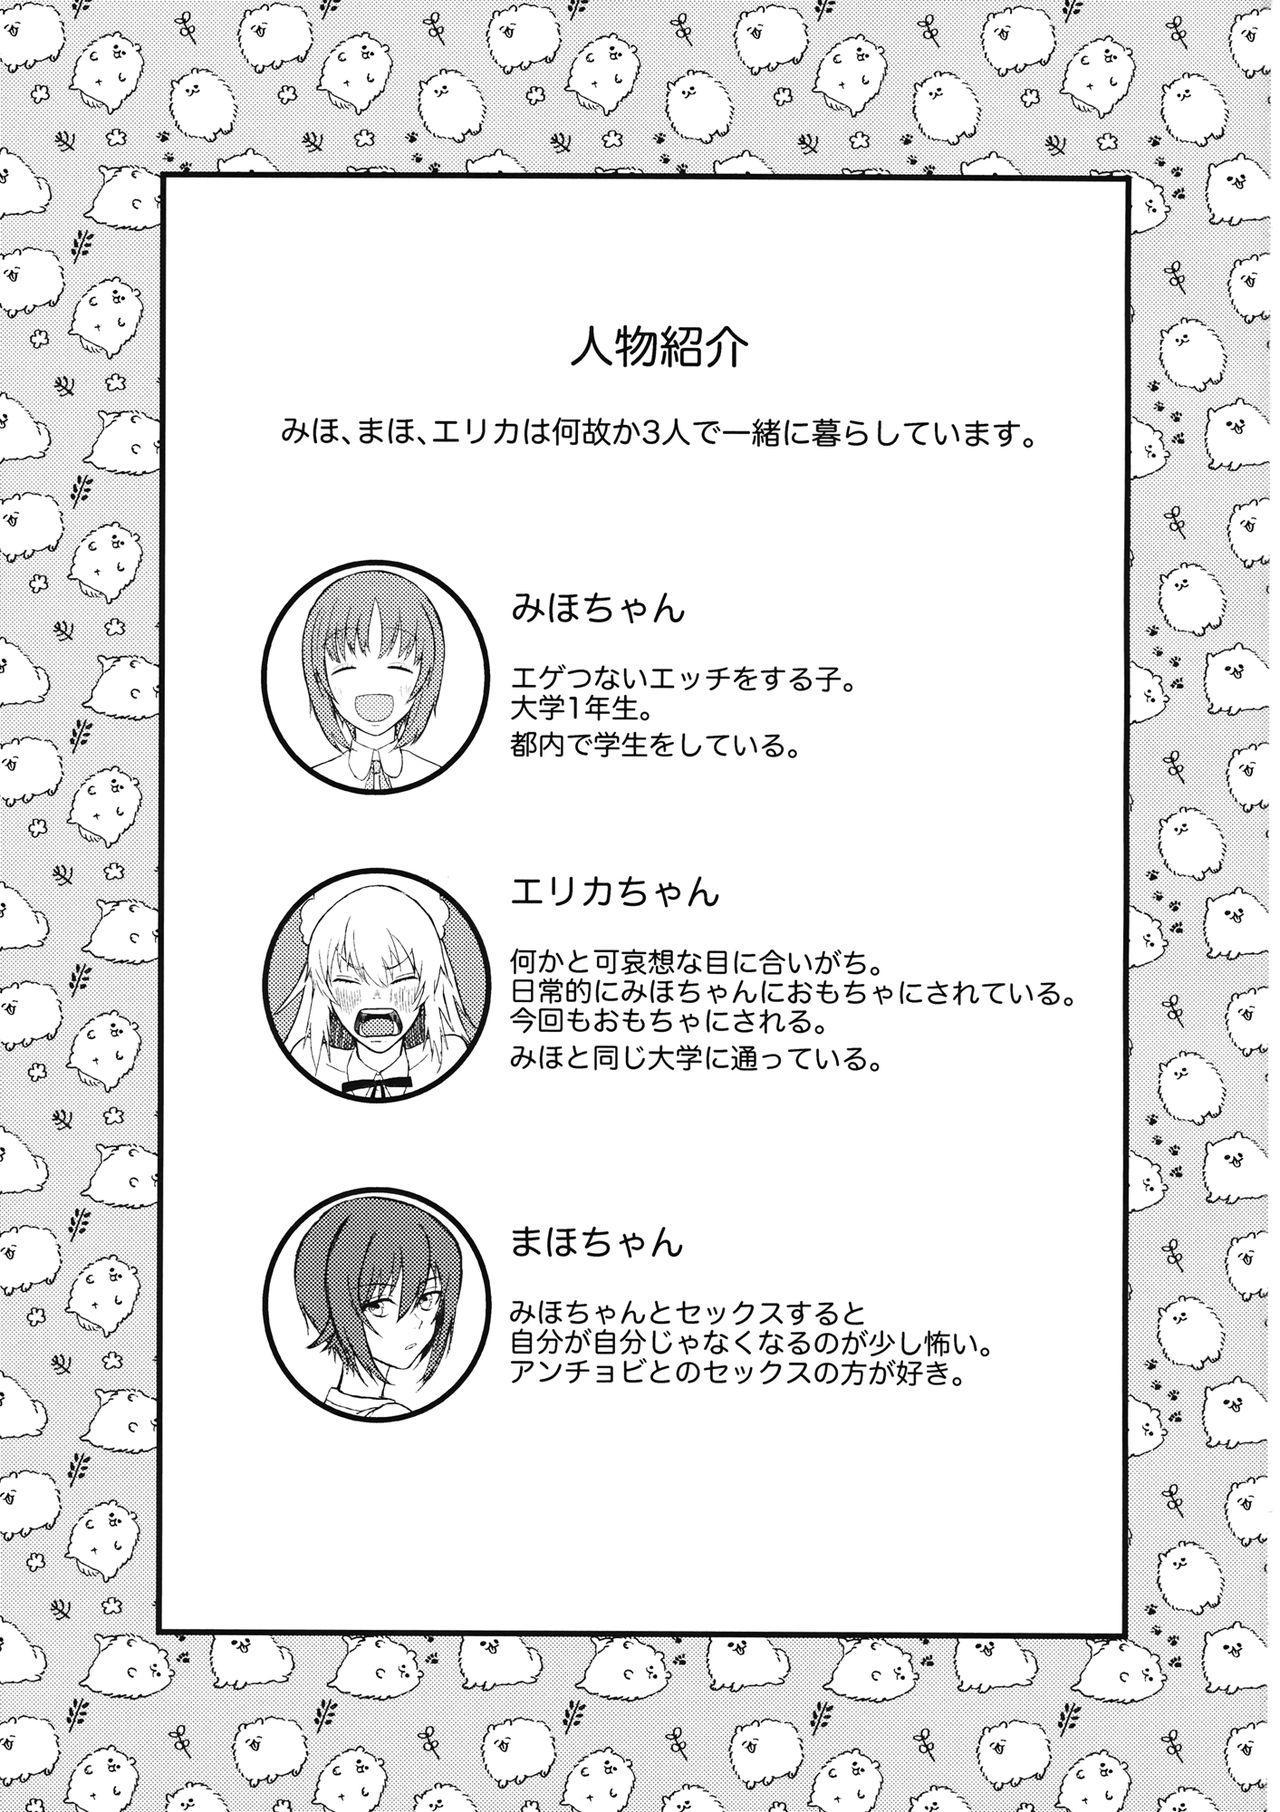 Nishizumi Shimai no Itsumi Erika Kotei Denma Houchi Play 1